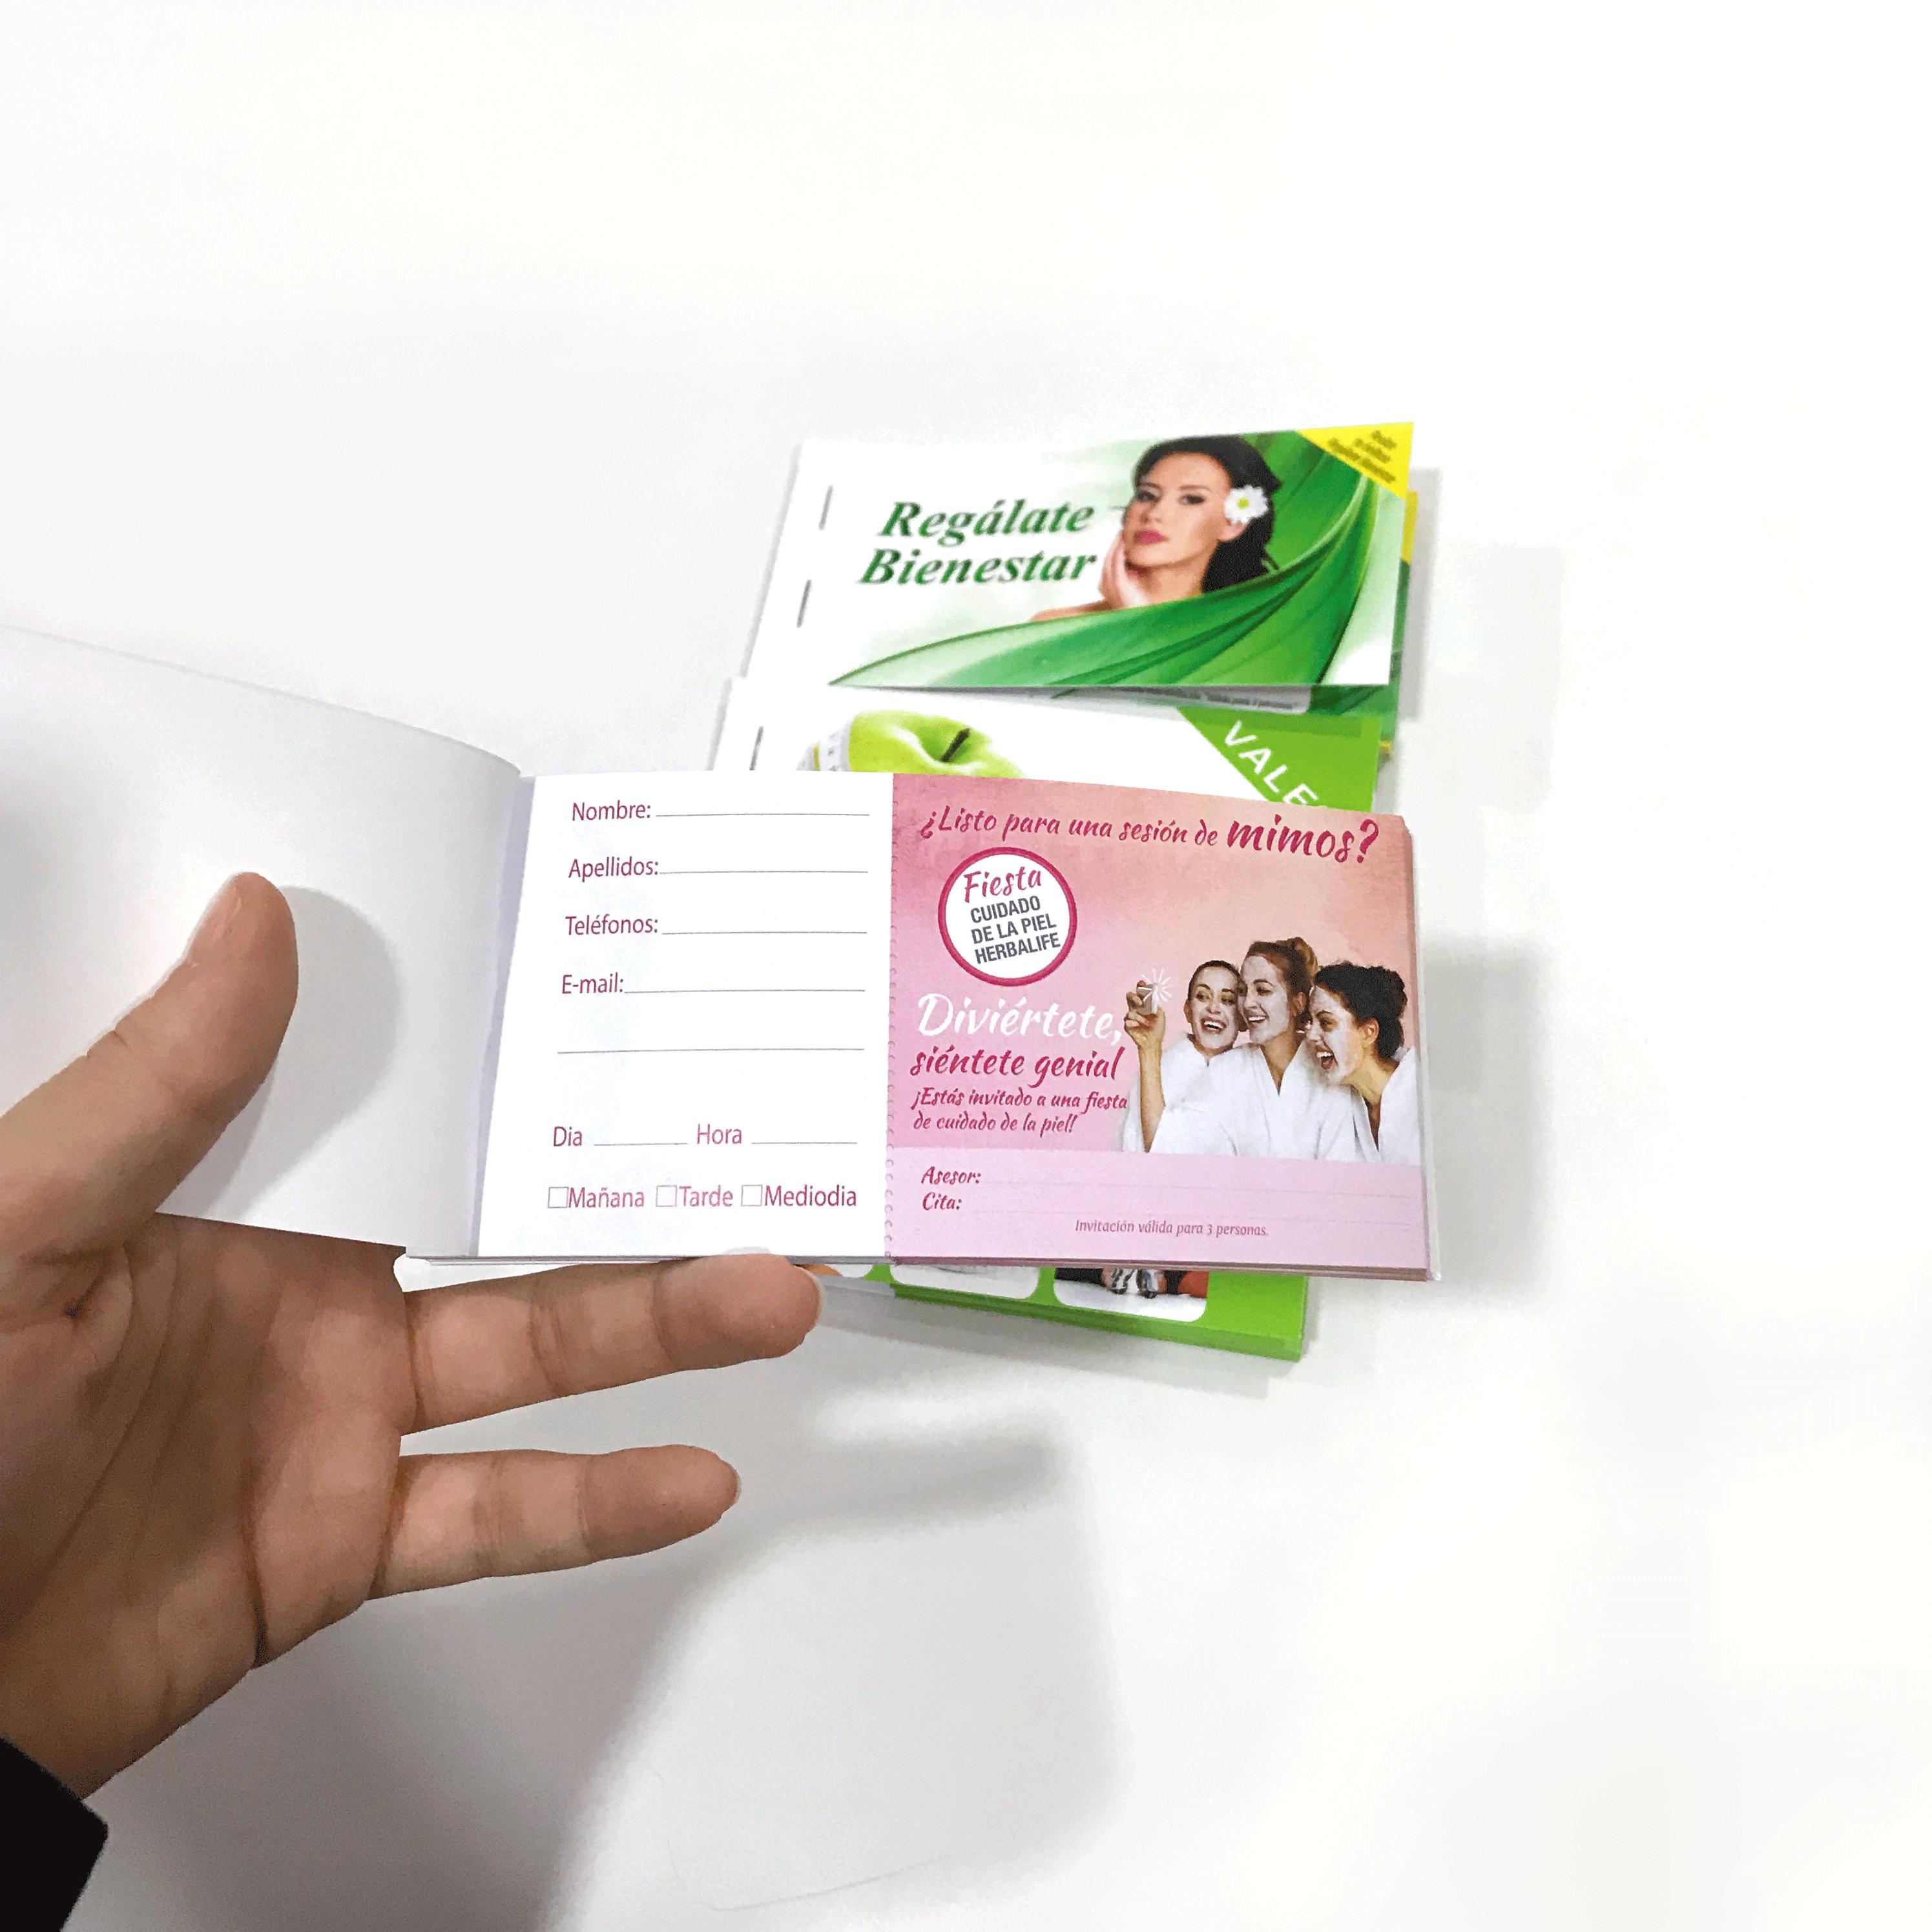 Impresionarte Xativa Nutricion Herbalife Talonario Mini